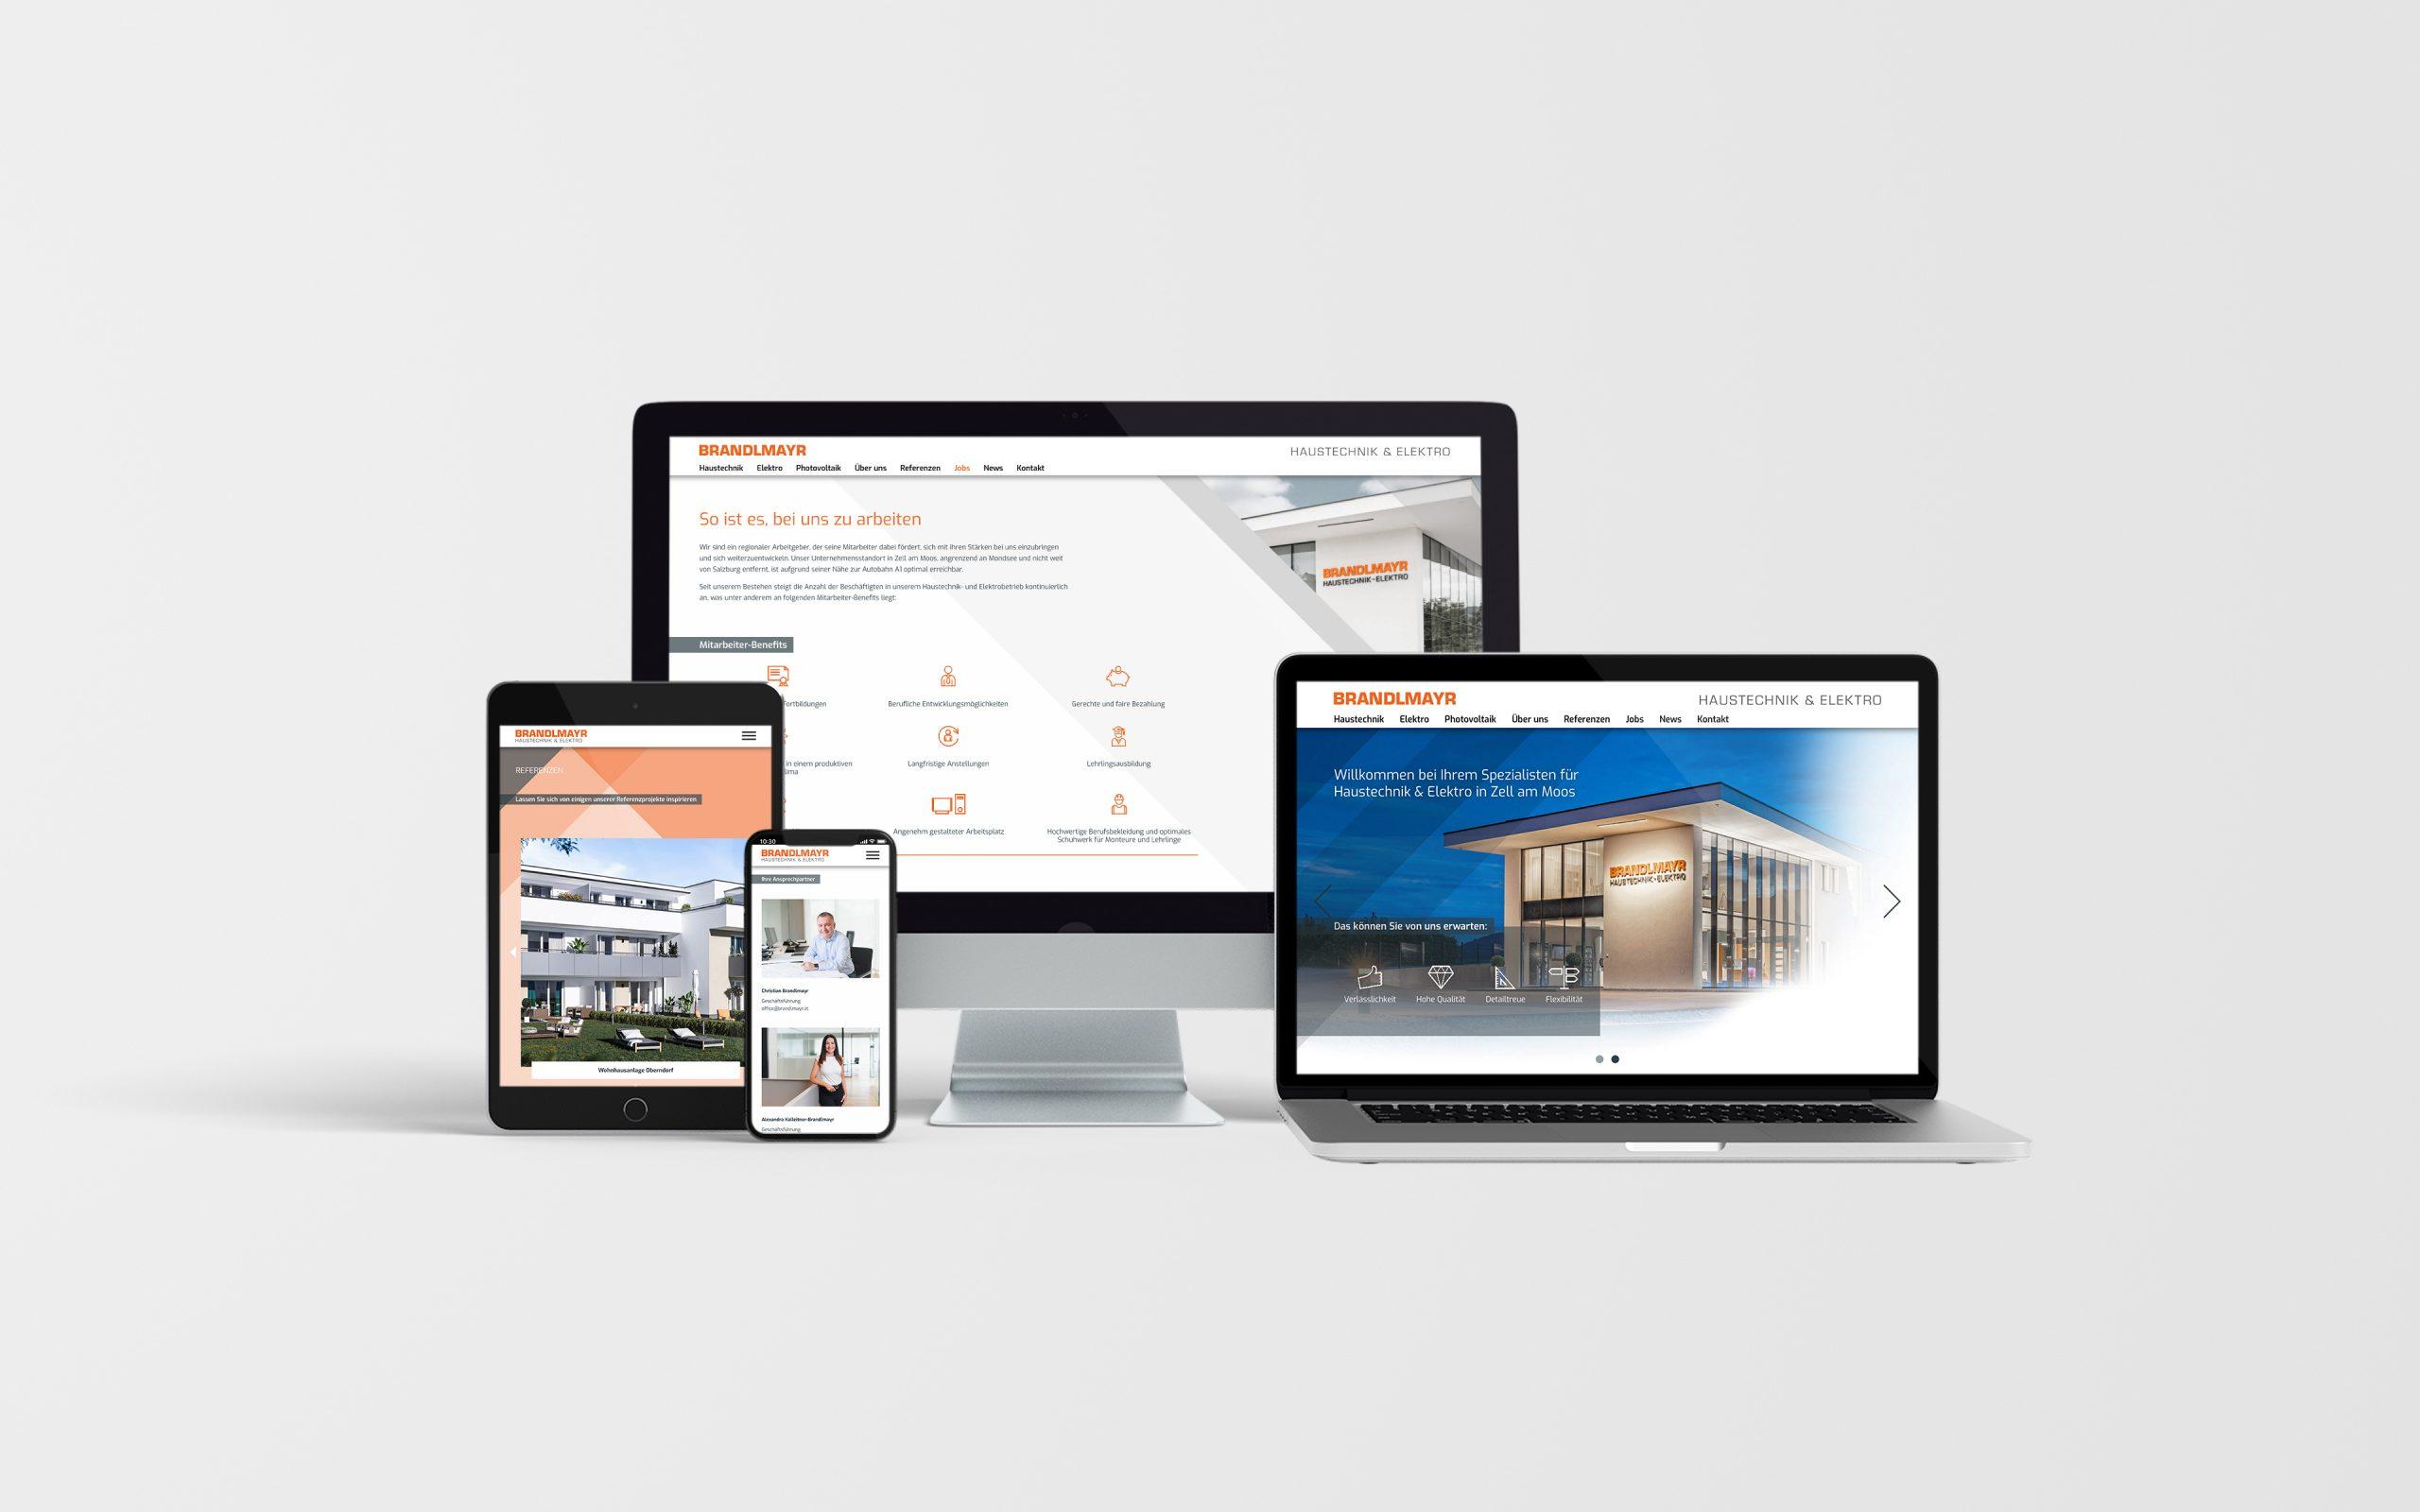 Brandlmayr – Haustechnik und Elektro | Website Ansicht Divers